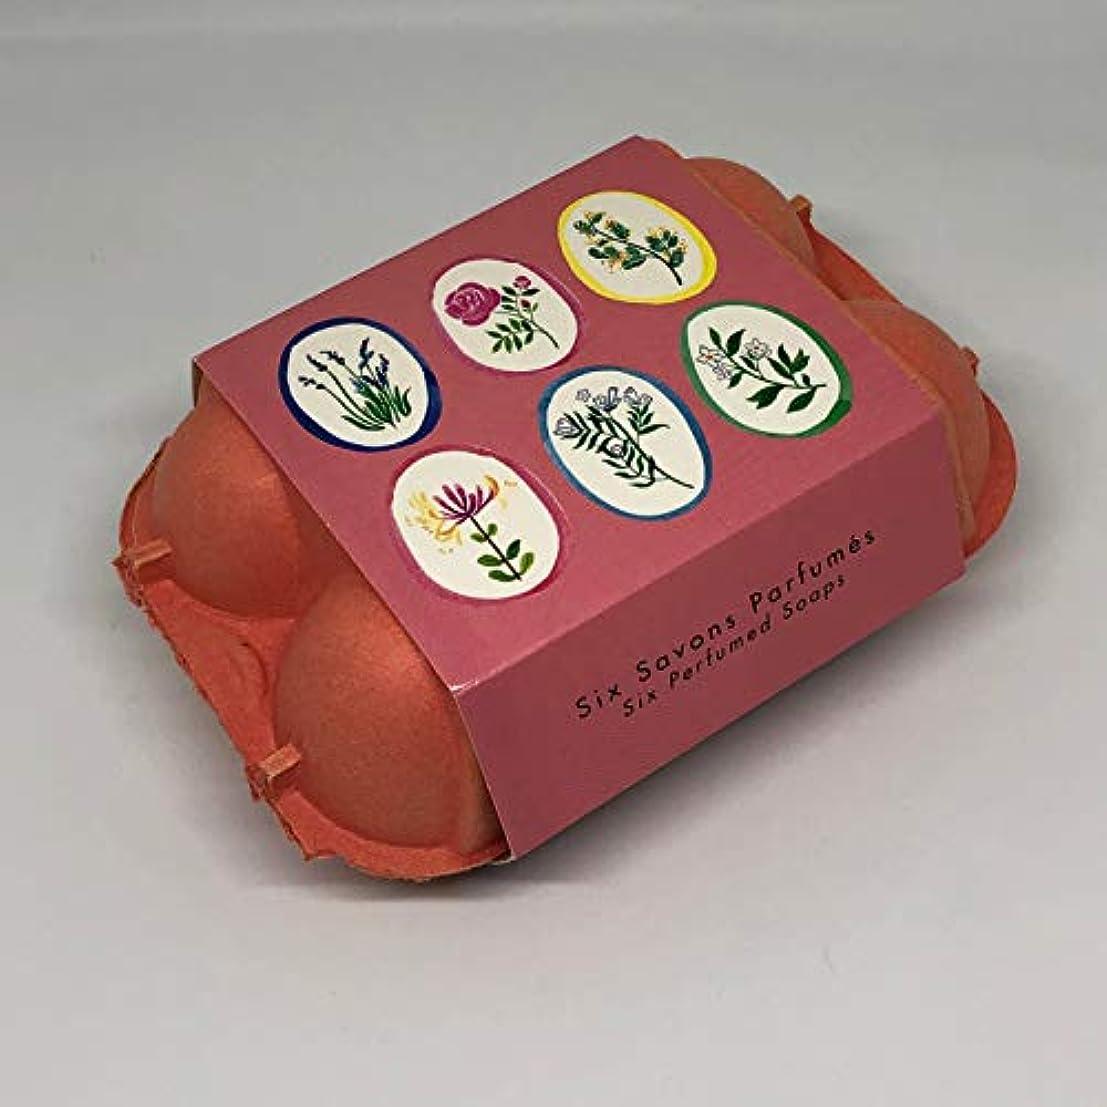 強制的不明瞭アイザックフラゴナール Fragonard 卵型ソープセット 50g×6個 フランス直輸入 PINK